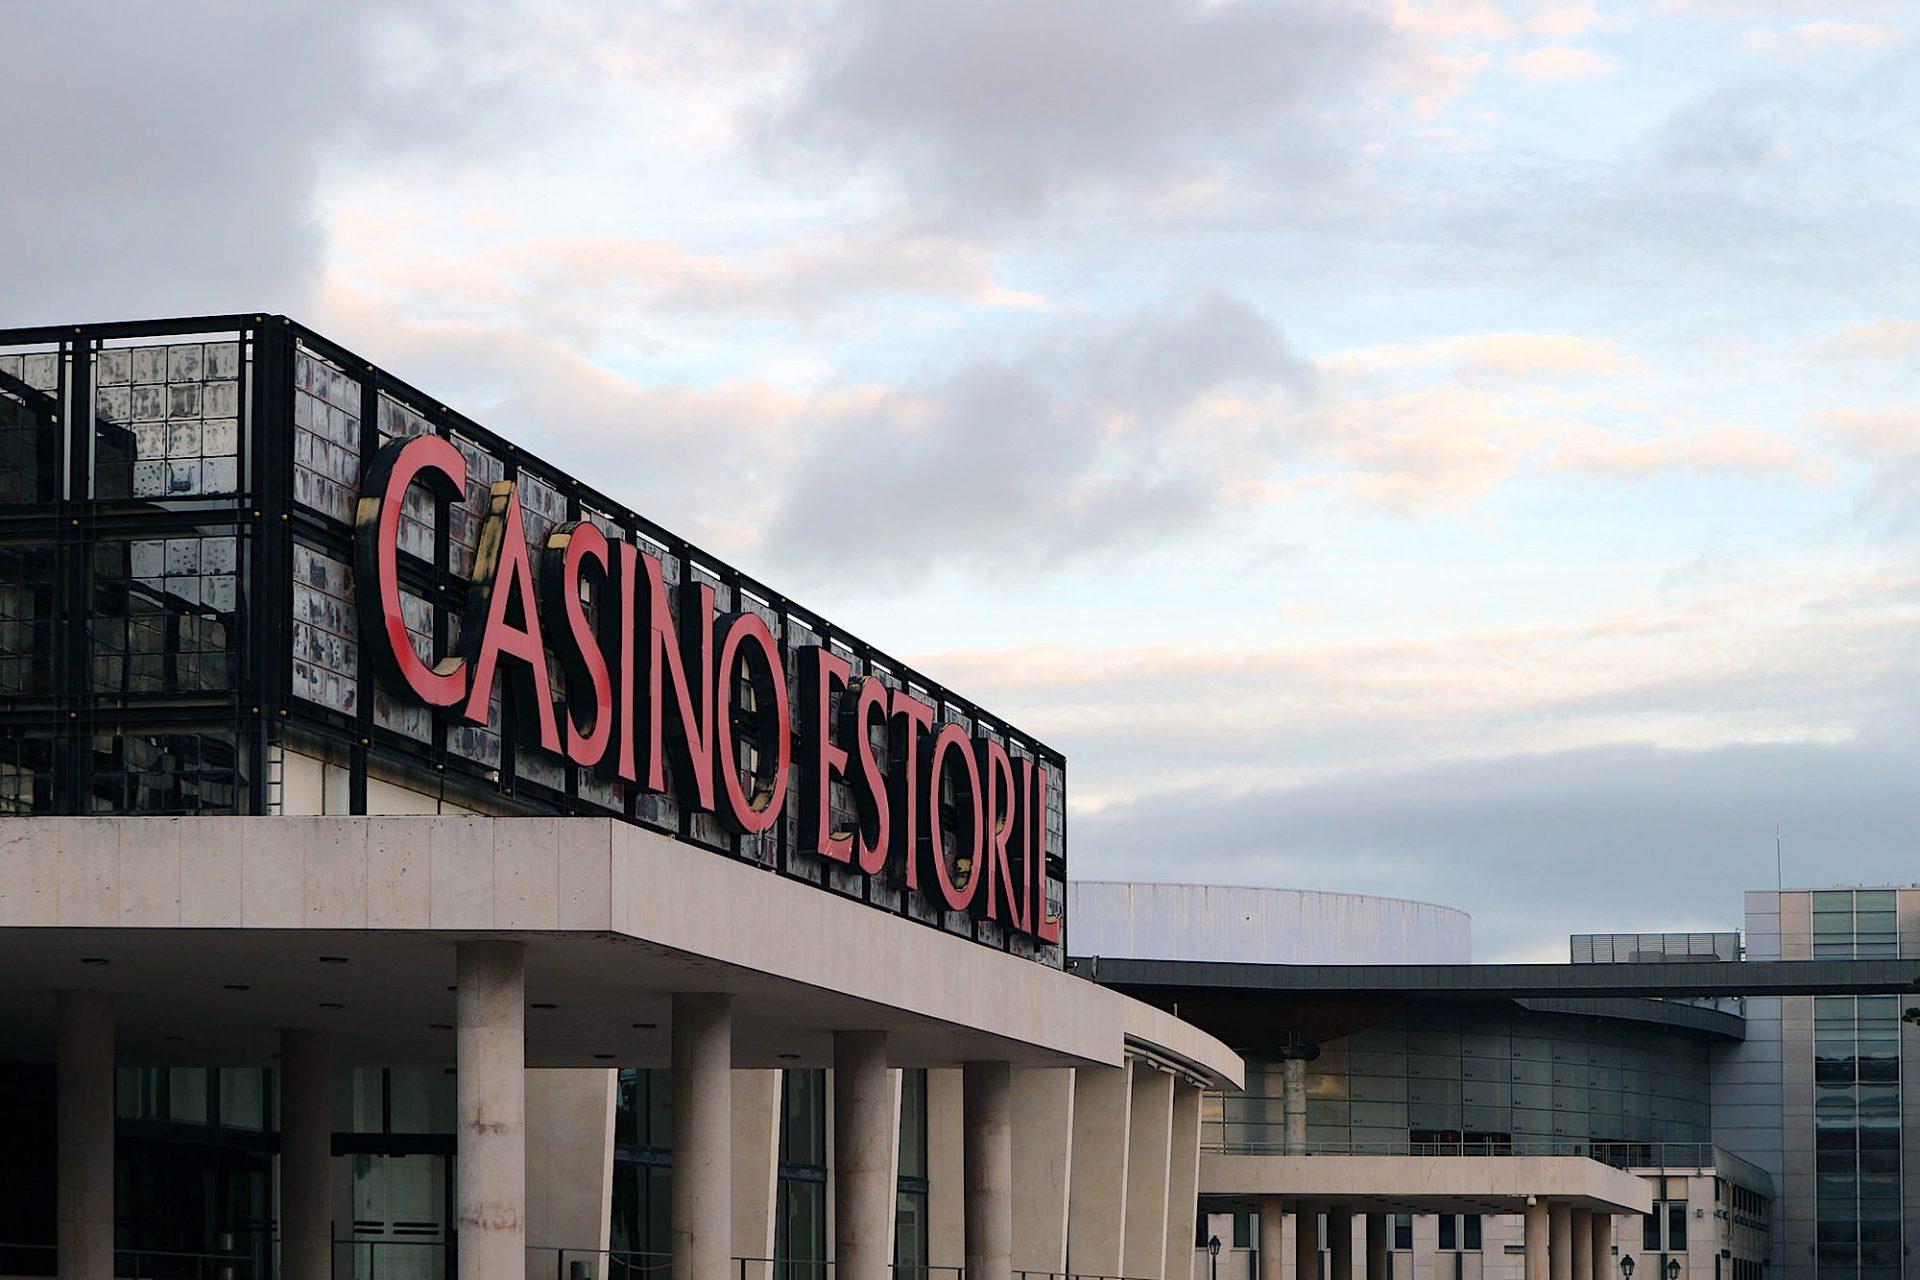 Casino Estoril. Rechts im Bild: das Centro de Congressos do Estoril. Das von Regino Cruz Architects geplante und 2011 fertiggestellte Kongresszentrum der Stadt.